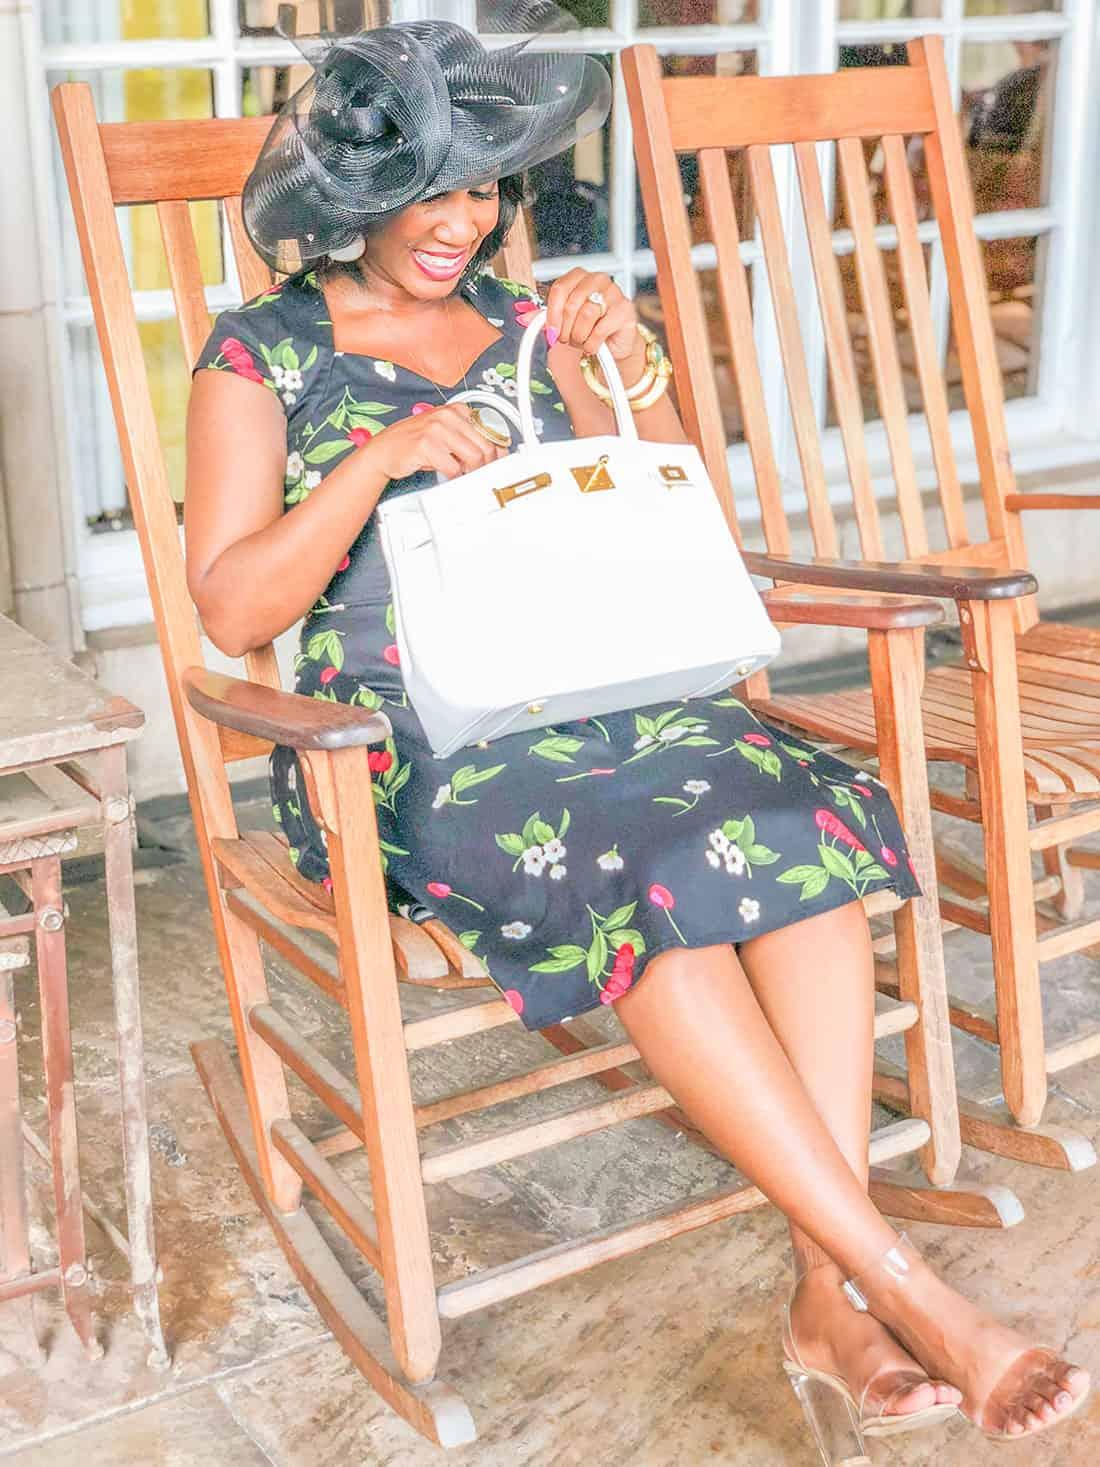 shaunda necole classy lady look